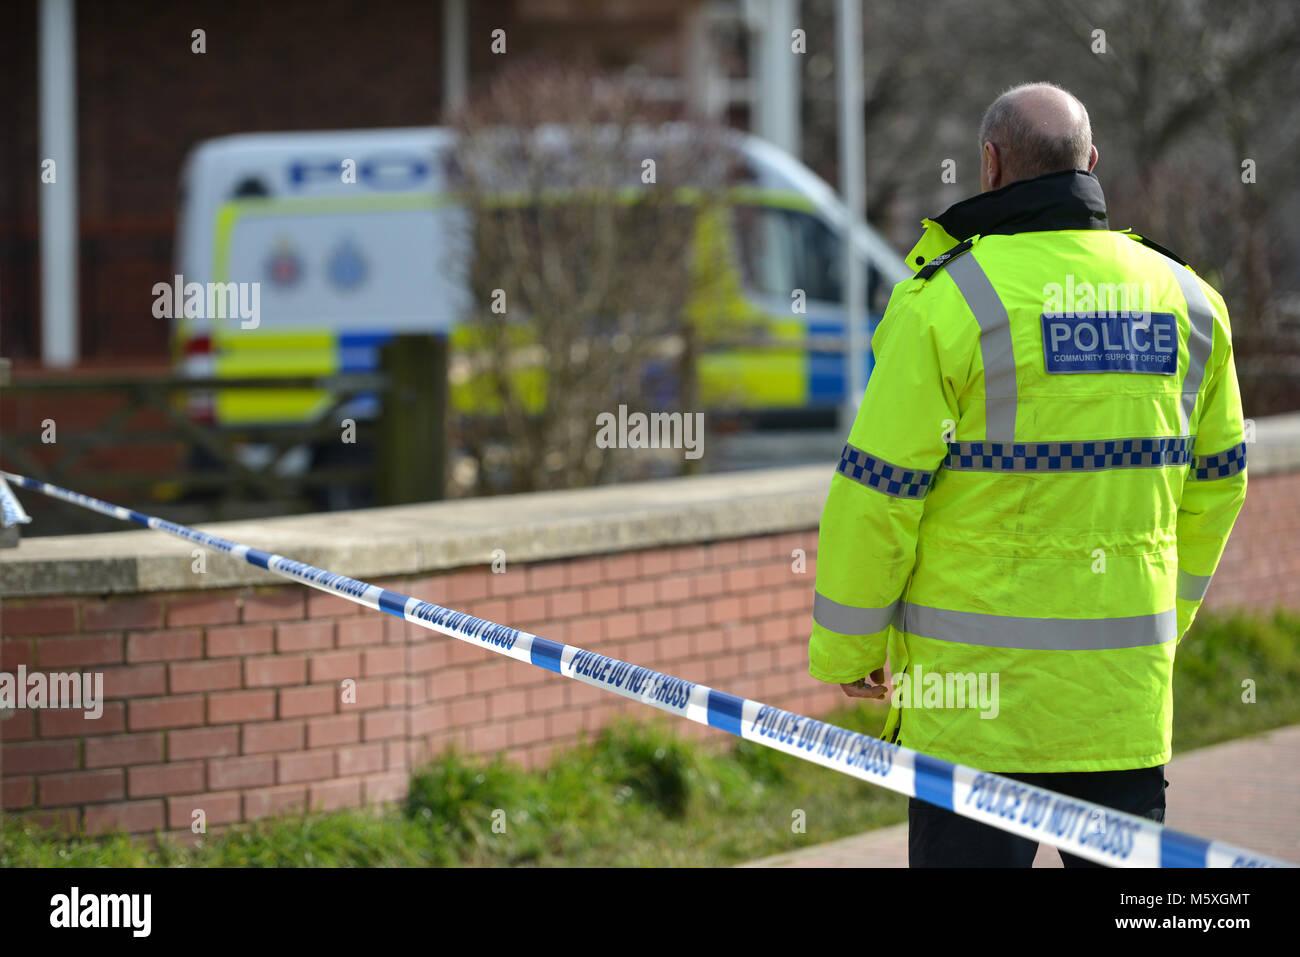 La polizia del sostegno comunitario Officer presso la scena di un crimine. Immagini Stock